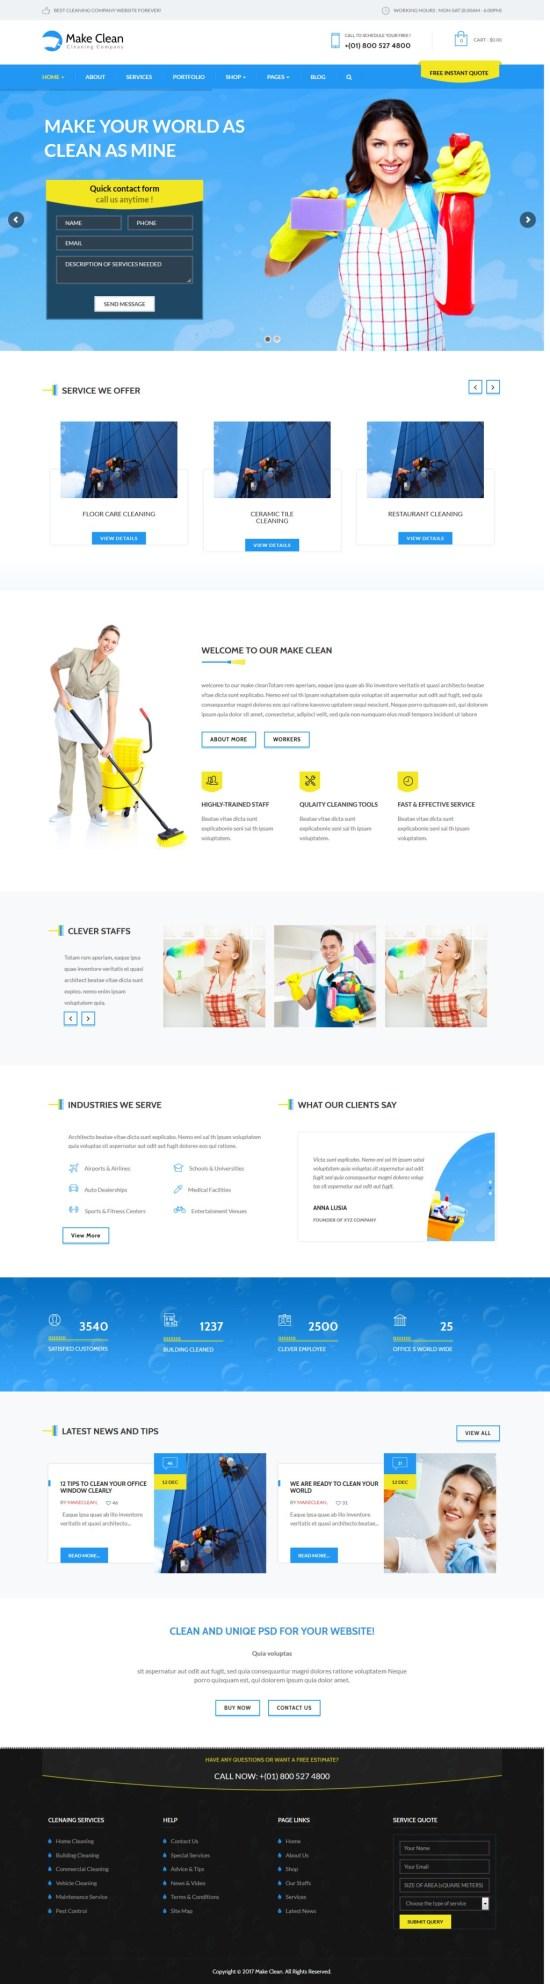 make clean wordpress theme 01 - Make Clean WordPress Theme